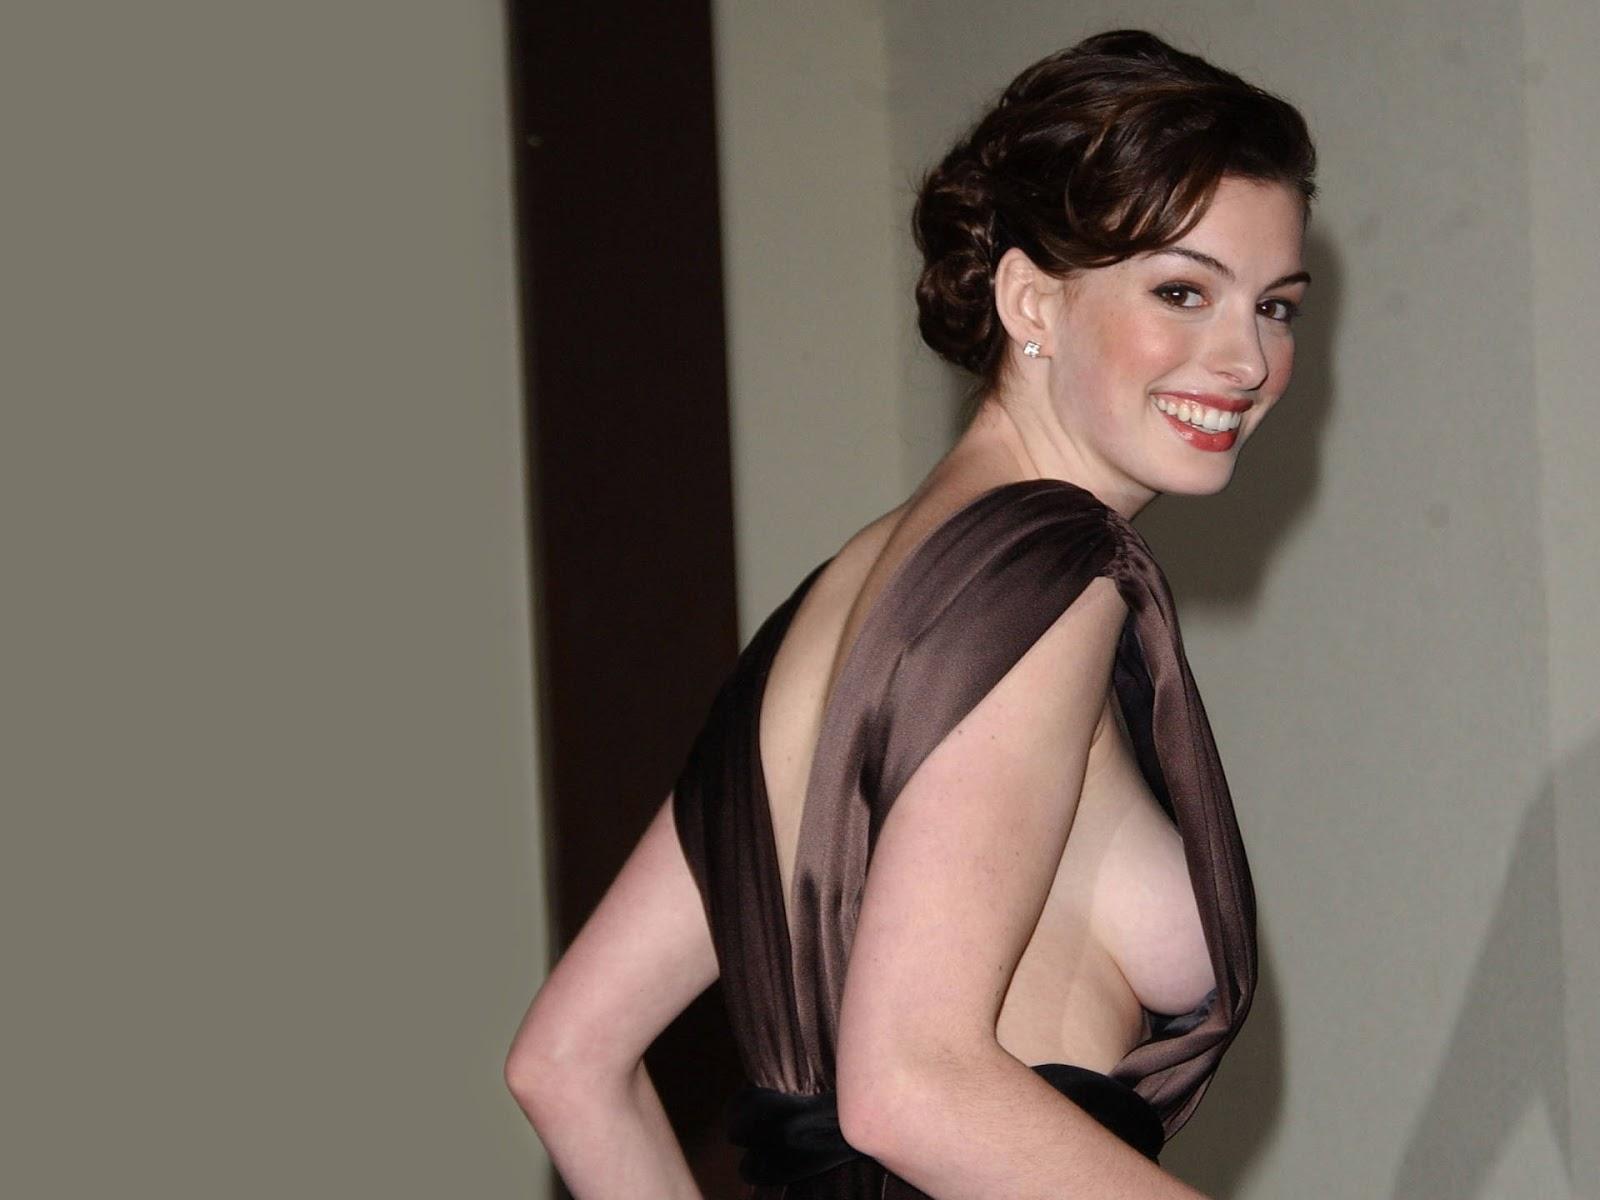 http://3.bp.blogspot.com/-sRJomo1_-Mk/UL-QKPE_nqI/AAAAAAAAOL8/b1I1CeNMnVY/s1600/Anne+Hathaway+(1).jpg